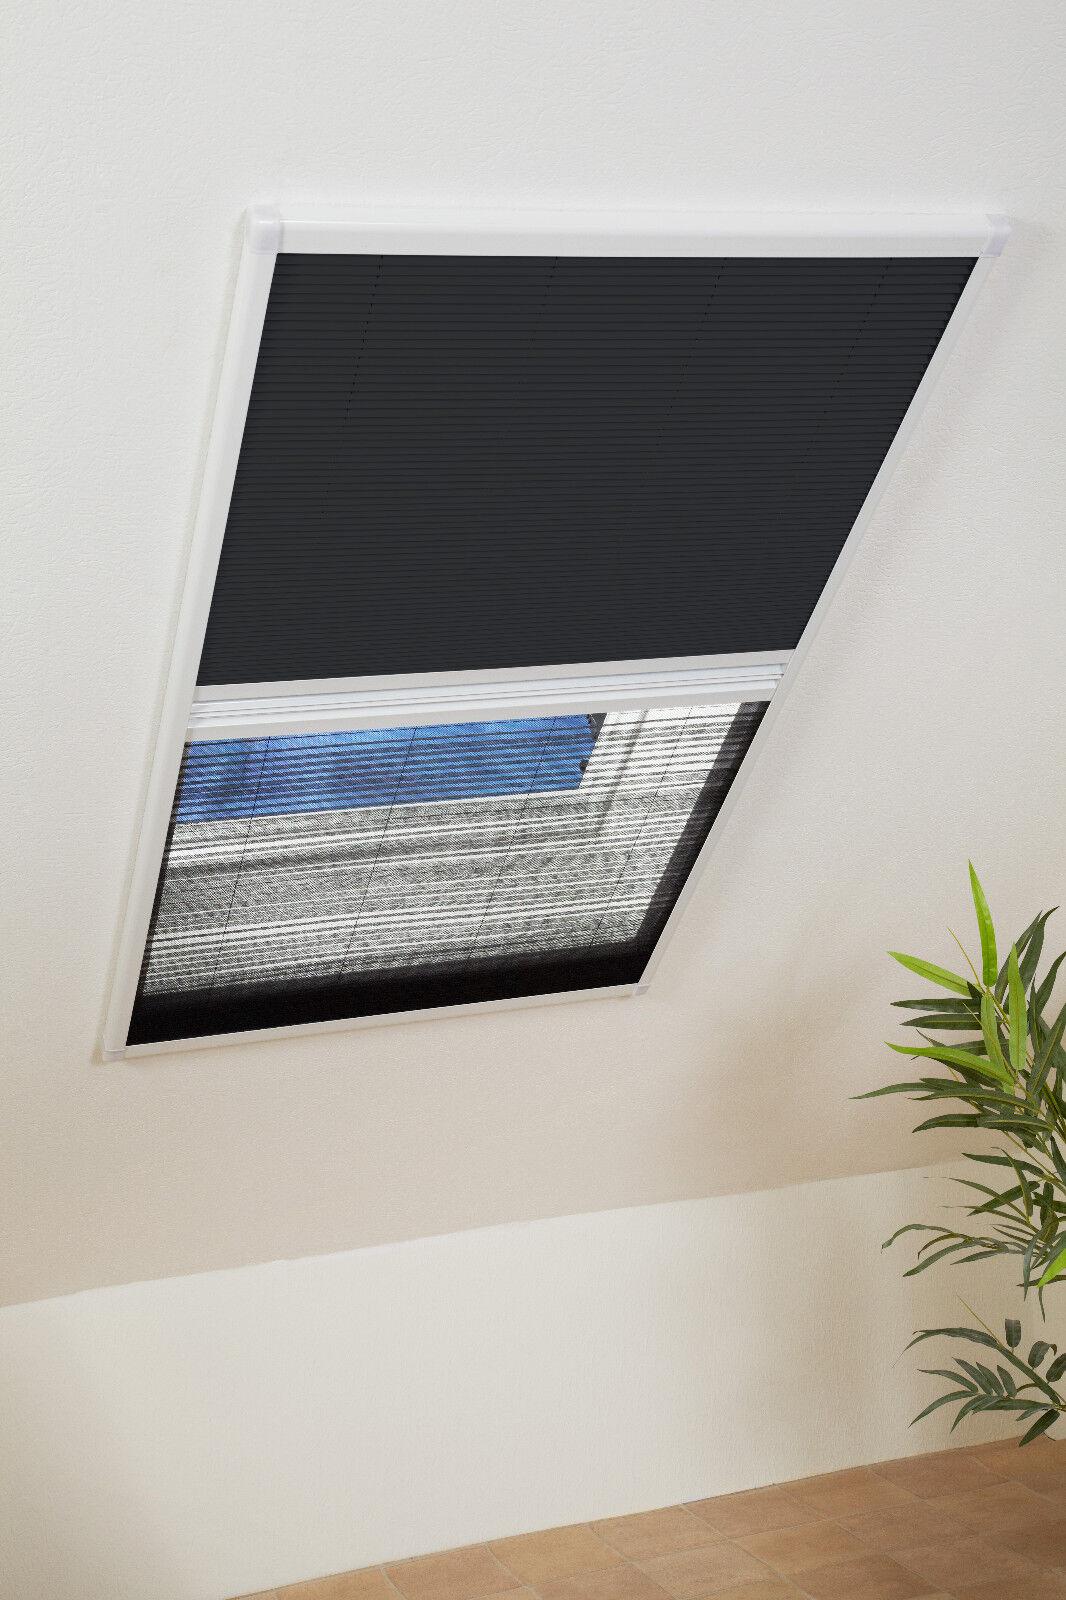 Profi - Fliegengitter Dachfenster Plissee - Insekten - und Sonnenschutz in einem   Schnelle Lieferung    Spielen Sie Leidenschaft, spielen Sie die Ernte, spielen Sie die Welt    Einfach zu spielen, freies Leben    Spielen Sie das Beste